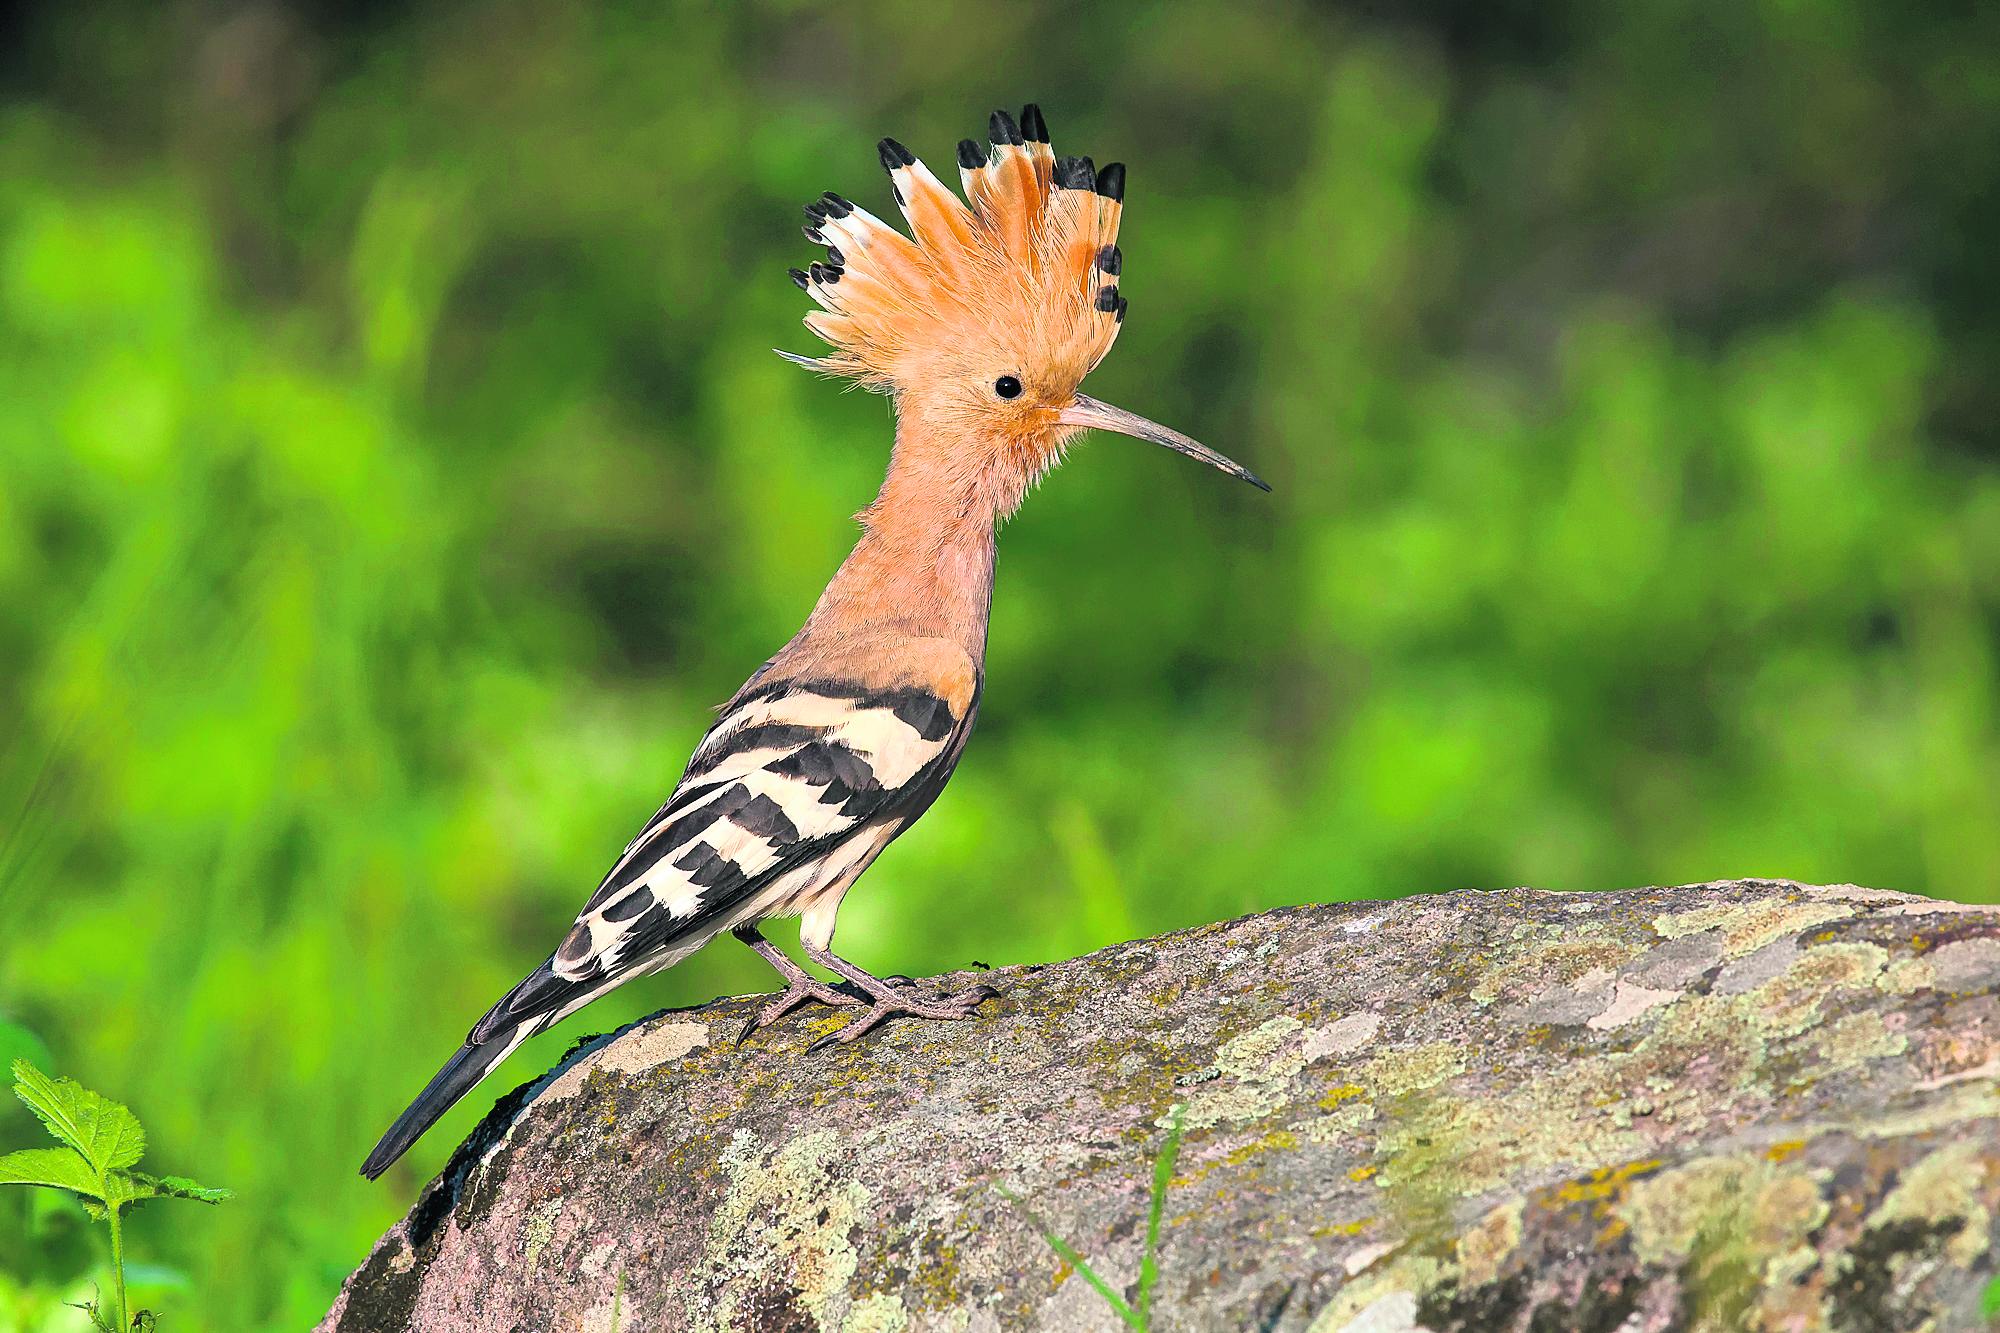 Le courrier comment se portent nos oiseaux for Se portent pour saluer